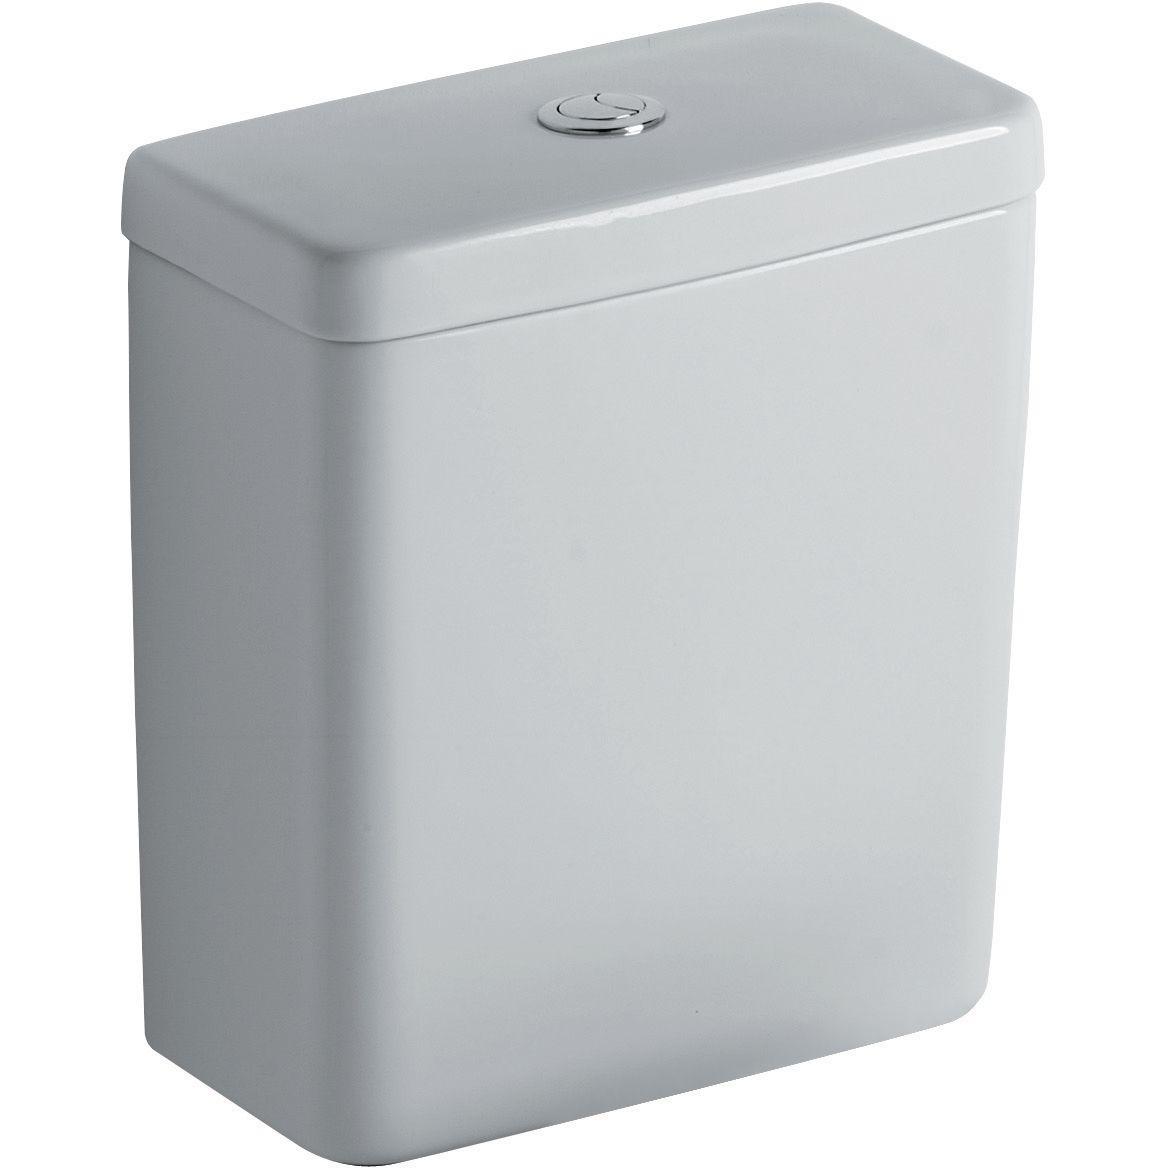 Réservoir CONNECT CUBE 3,6 litres pour ensemble WC CUBE avec alimentation latérale, blanc Réf. E797101